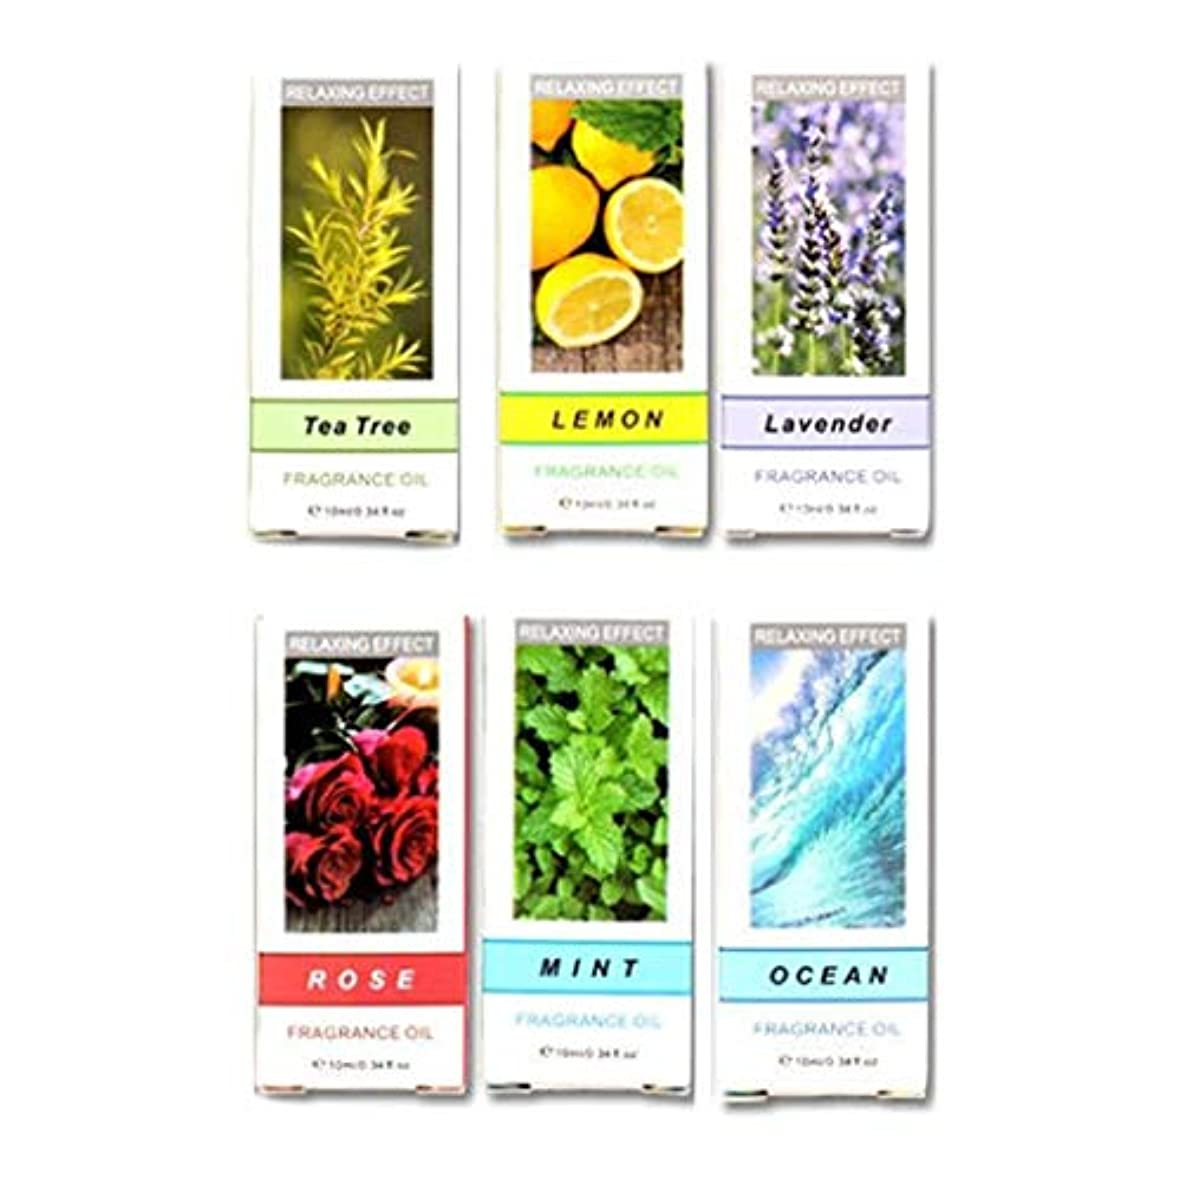 実行も解明uzinby エッセンシャルオイル(天然水溶性) 10ml 6本入り(レモン+ティーツリー+ローズ+ミント+ラベンダー+オーシャン) 天然100%植物性 エッセンシャルオイル アロマオイル アロマ  「100%新品」